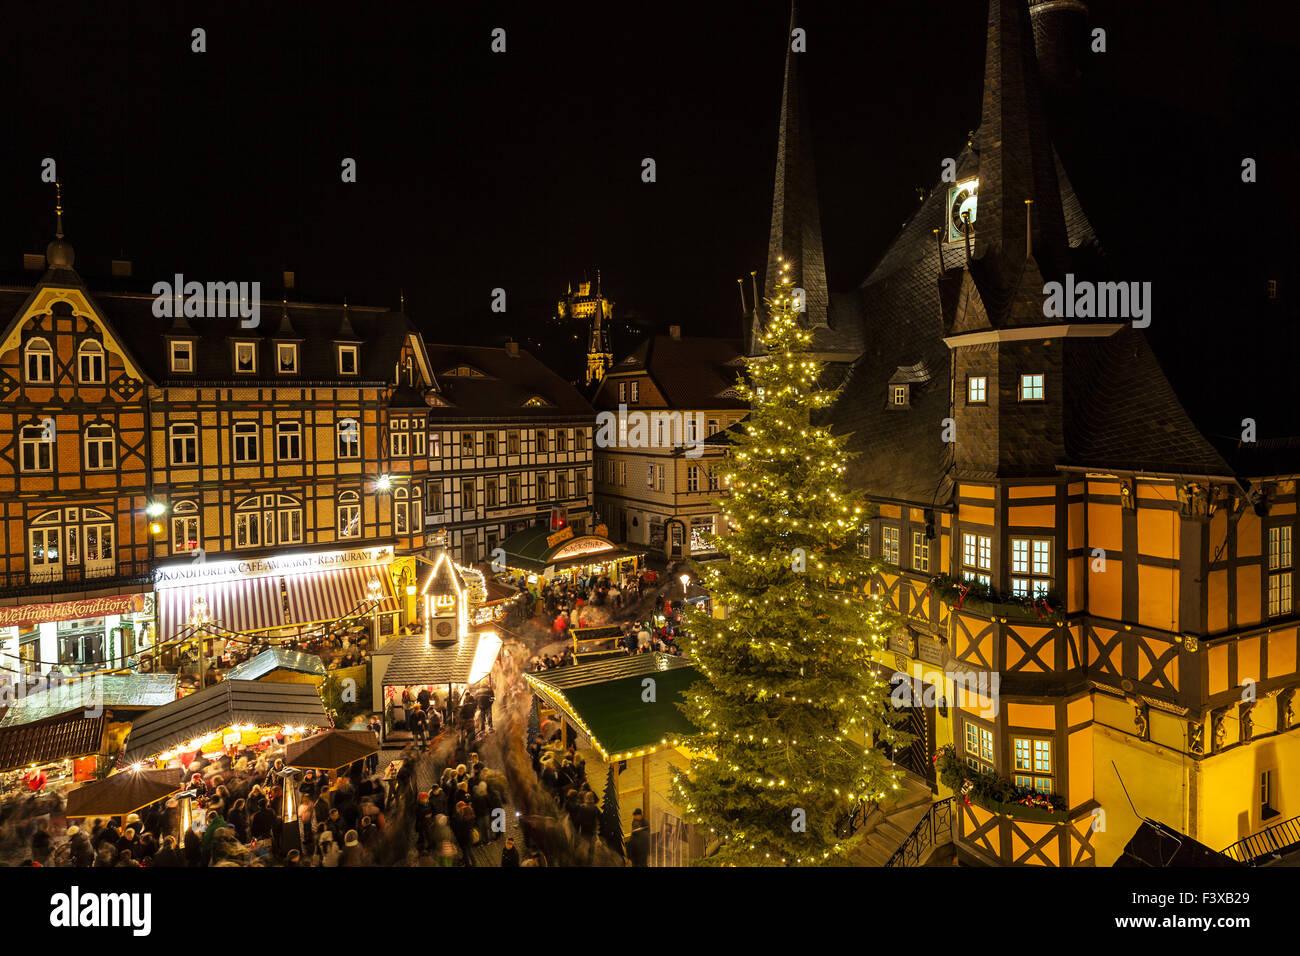 Mercatino di Natale in Germania Immagini Stock